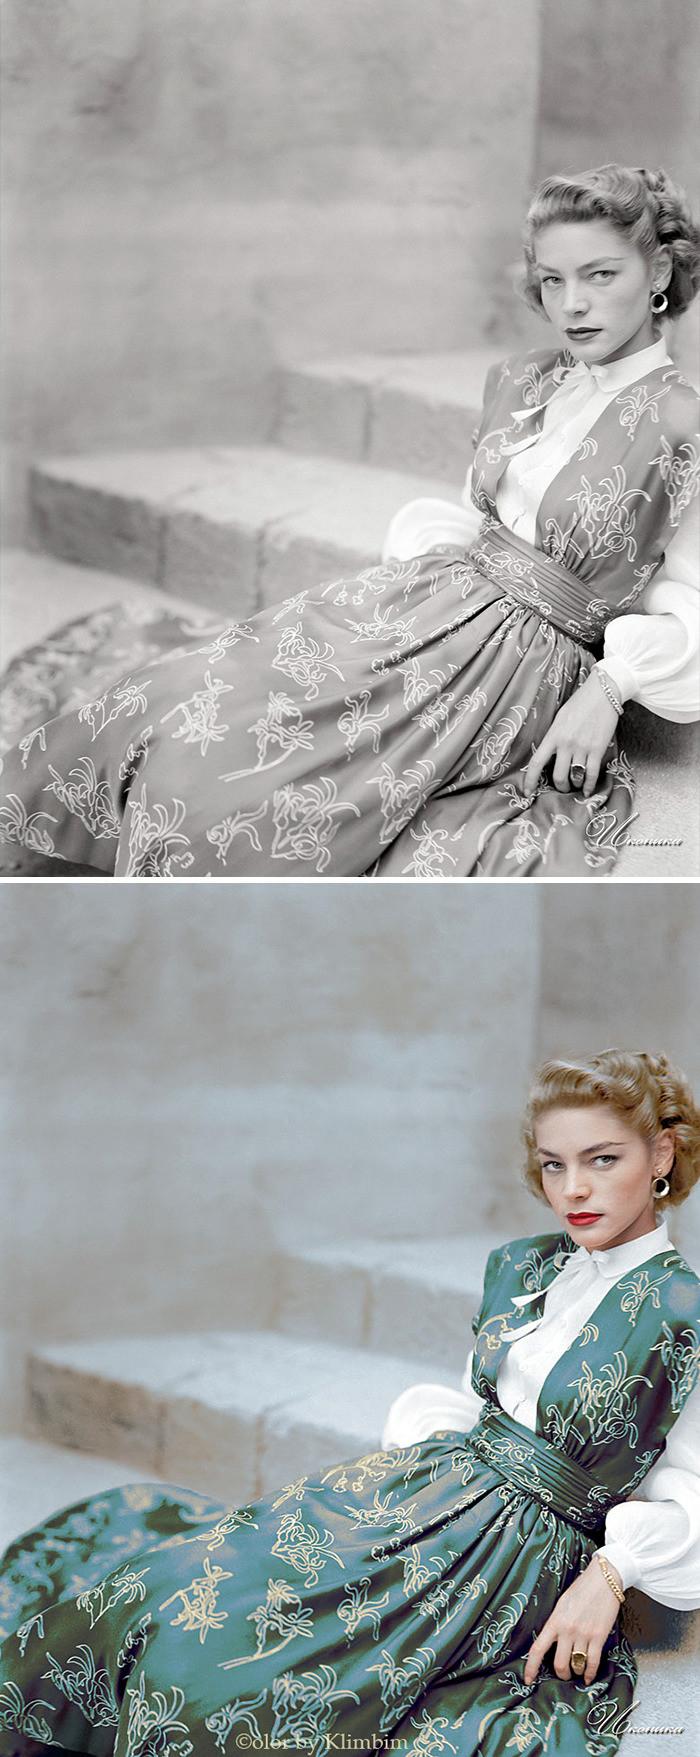 #8 Lauren Bacall